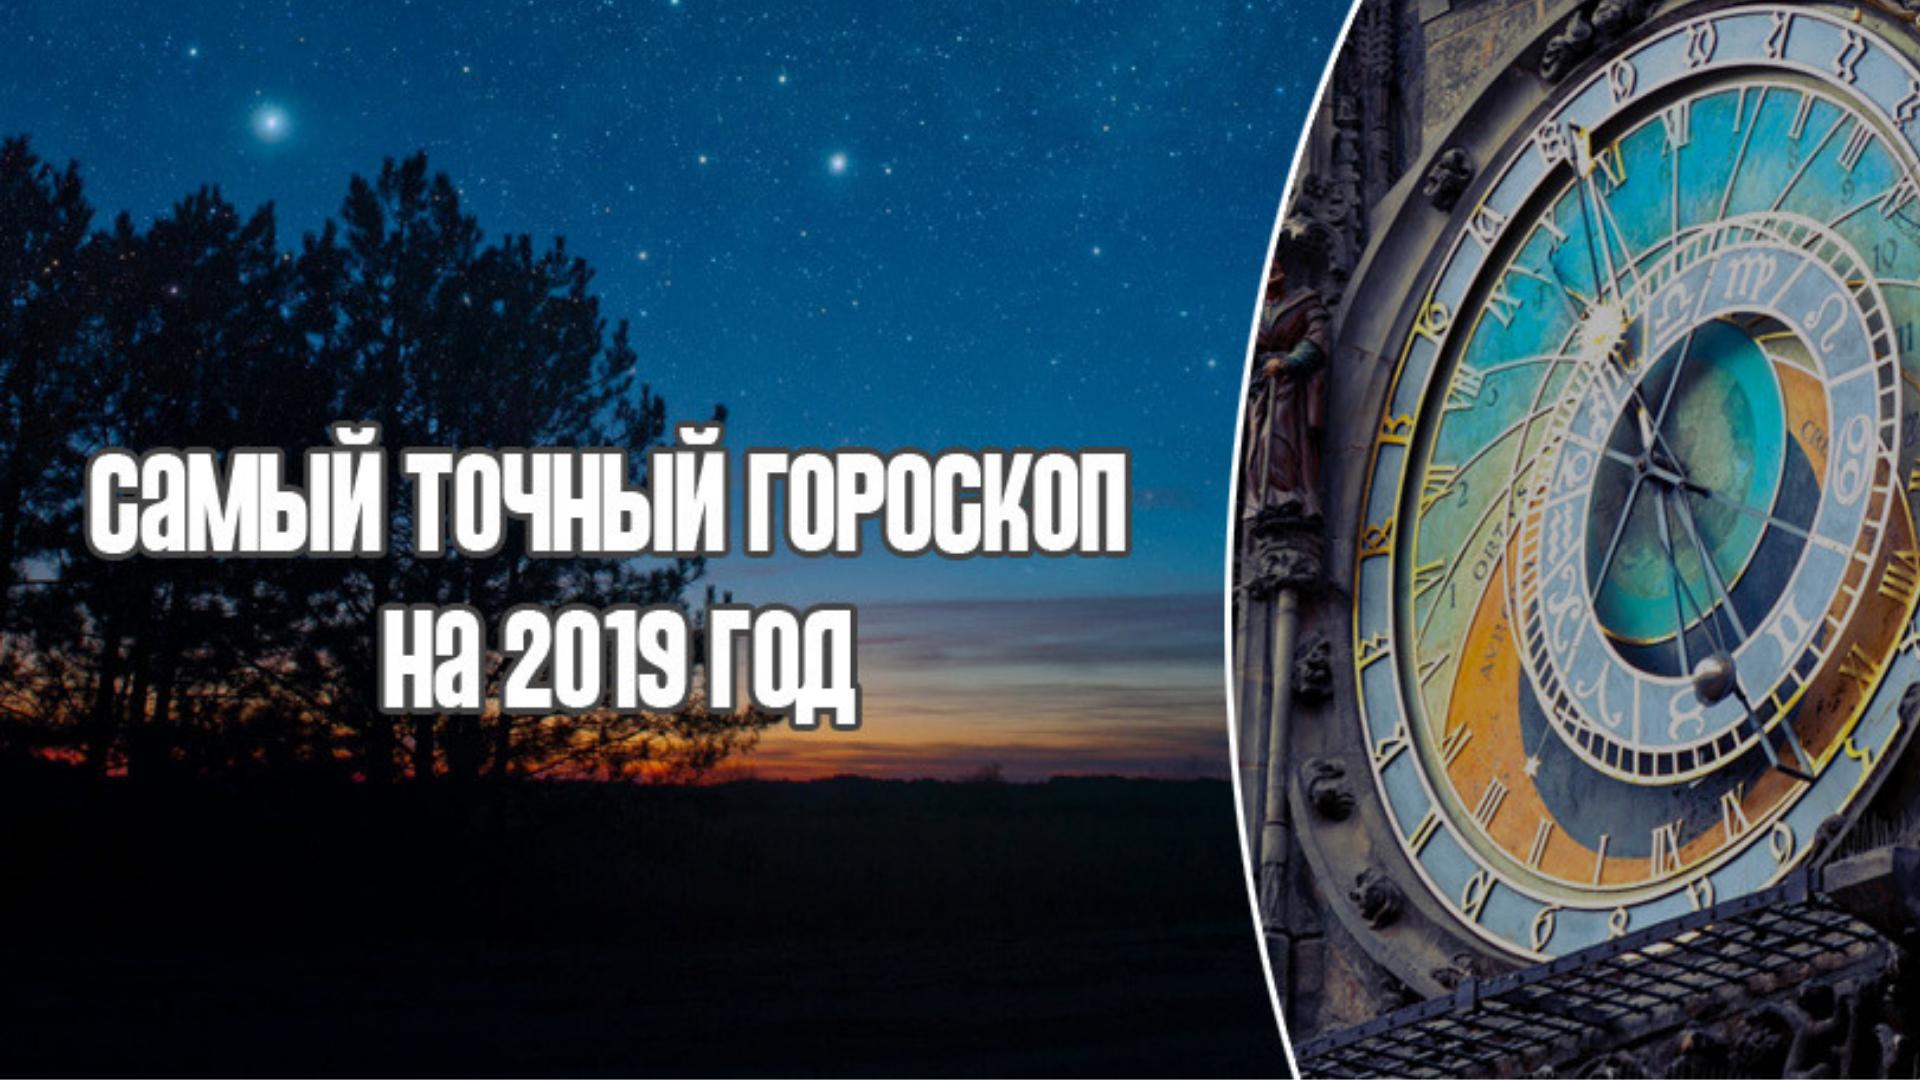 Астрологи виявили самий точний гороскоп для всіх знаків на 2019 рік